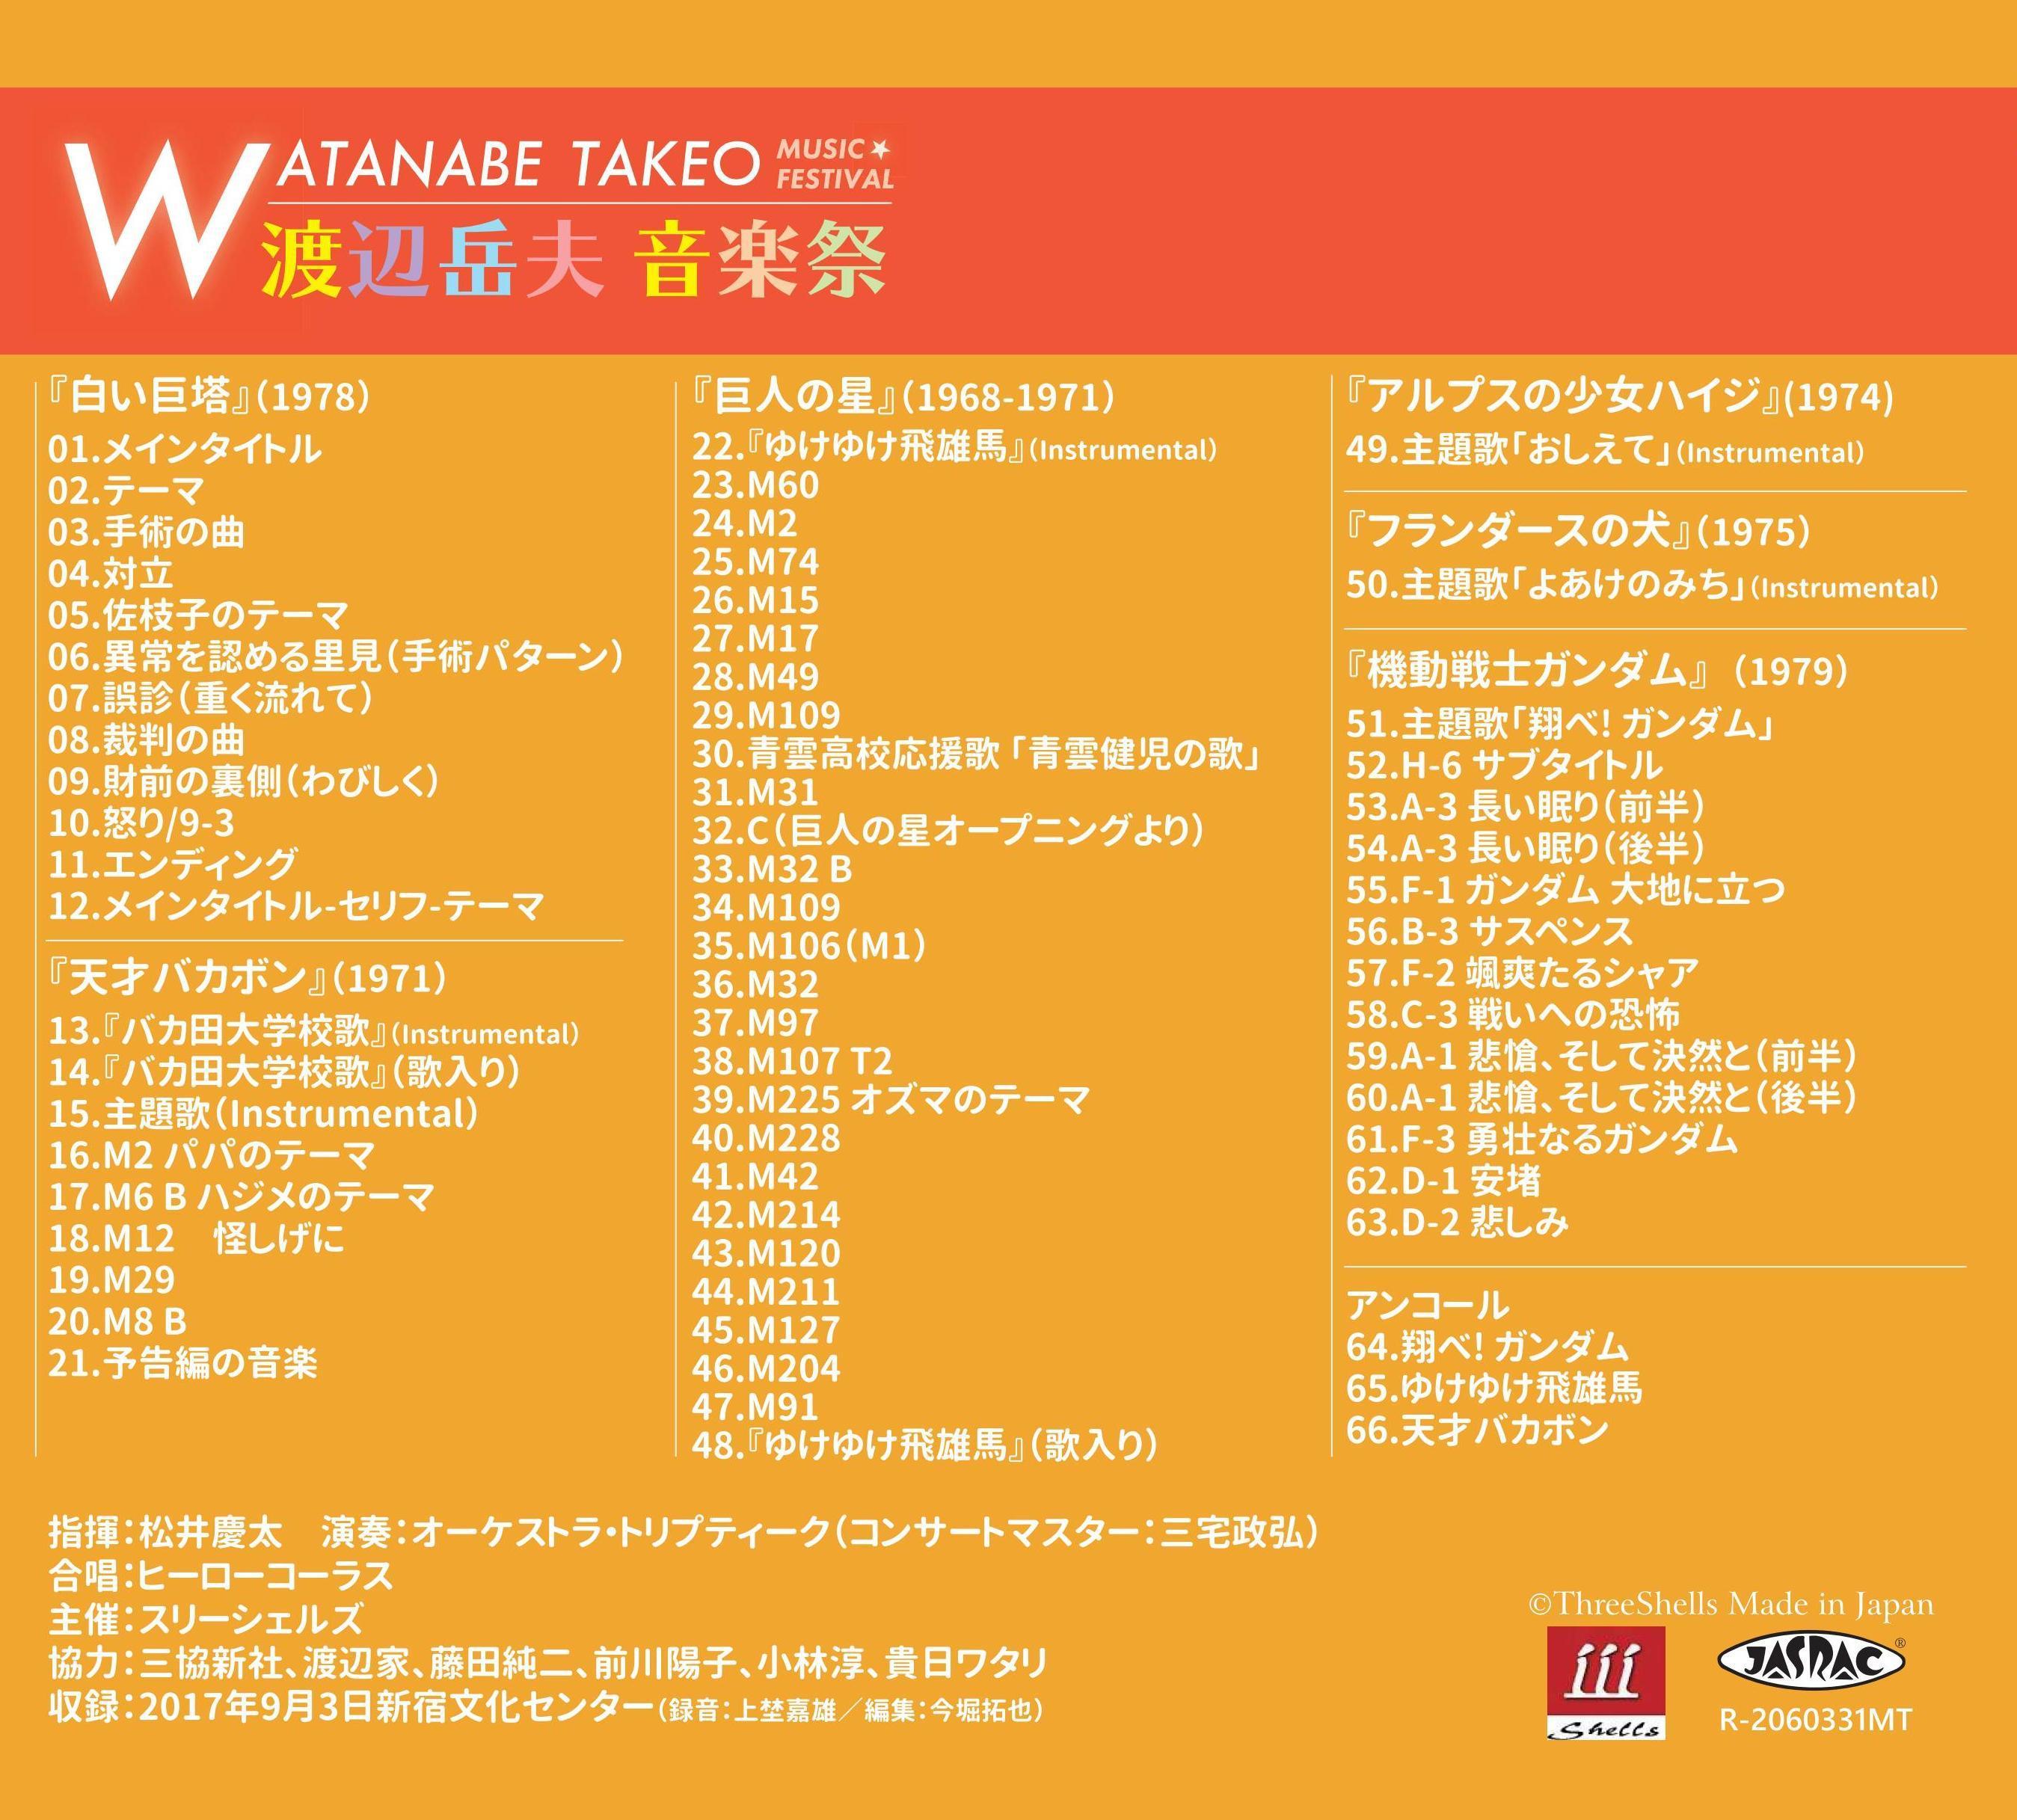 渡辺岳夫音楽祭CD曲目